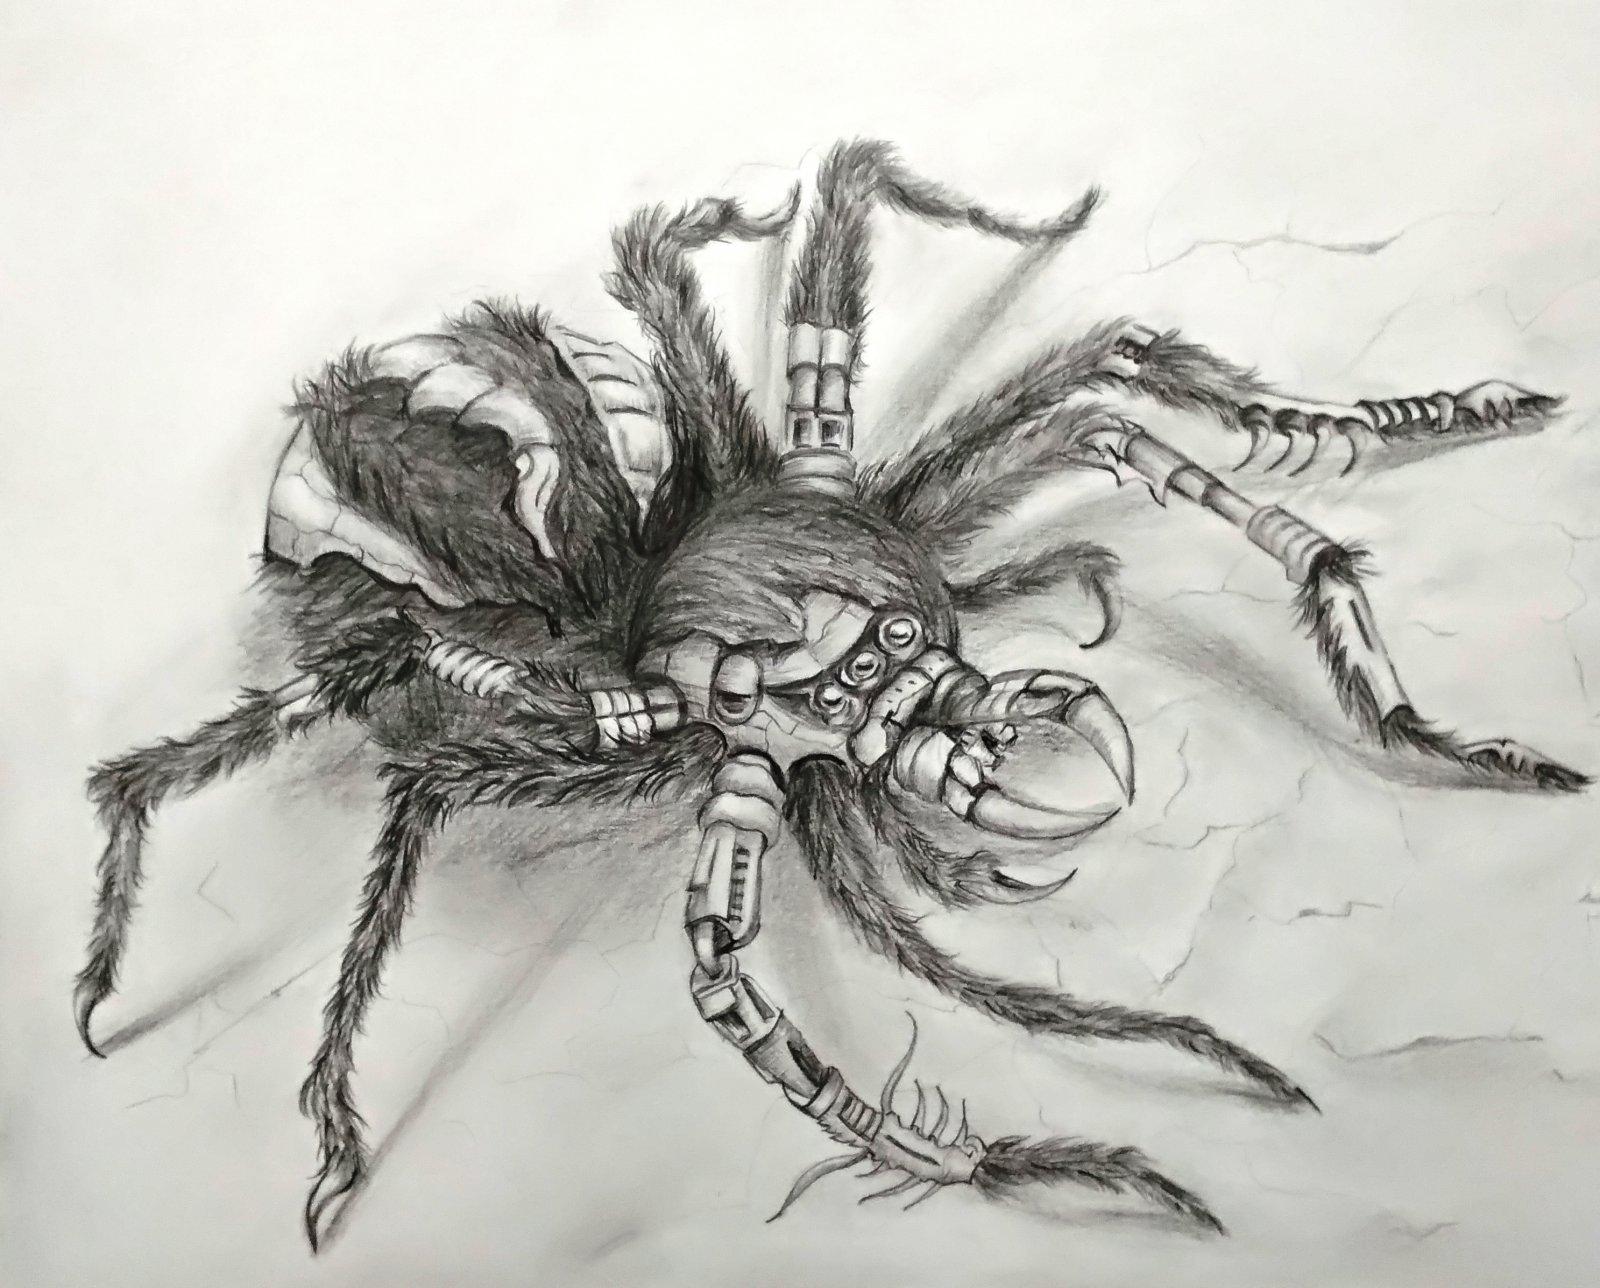 Кибер-паук